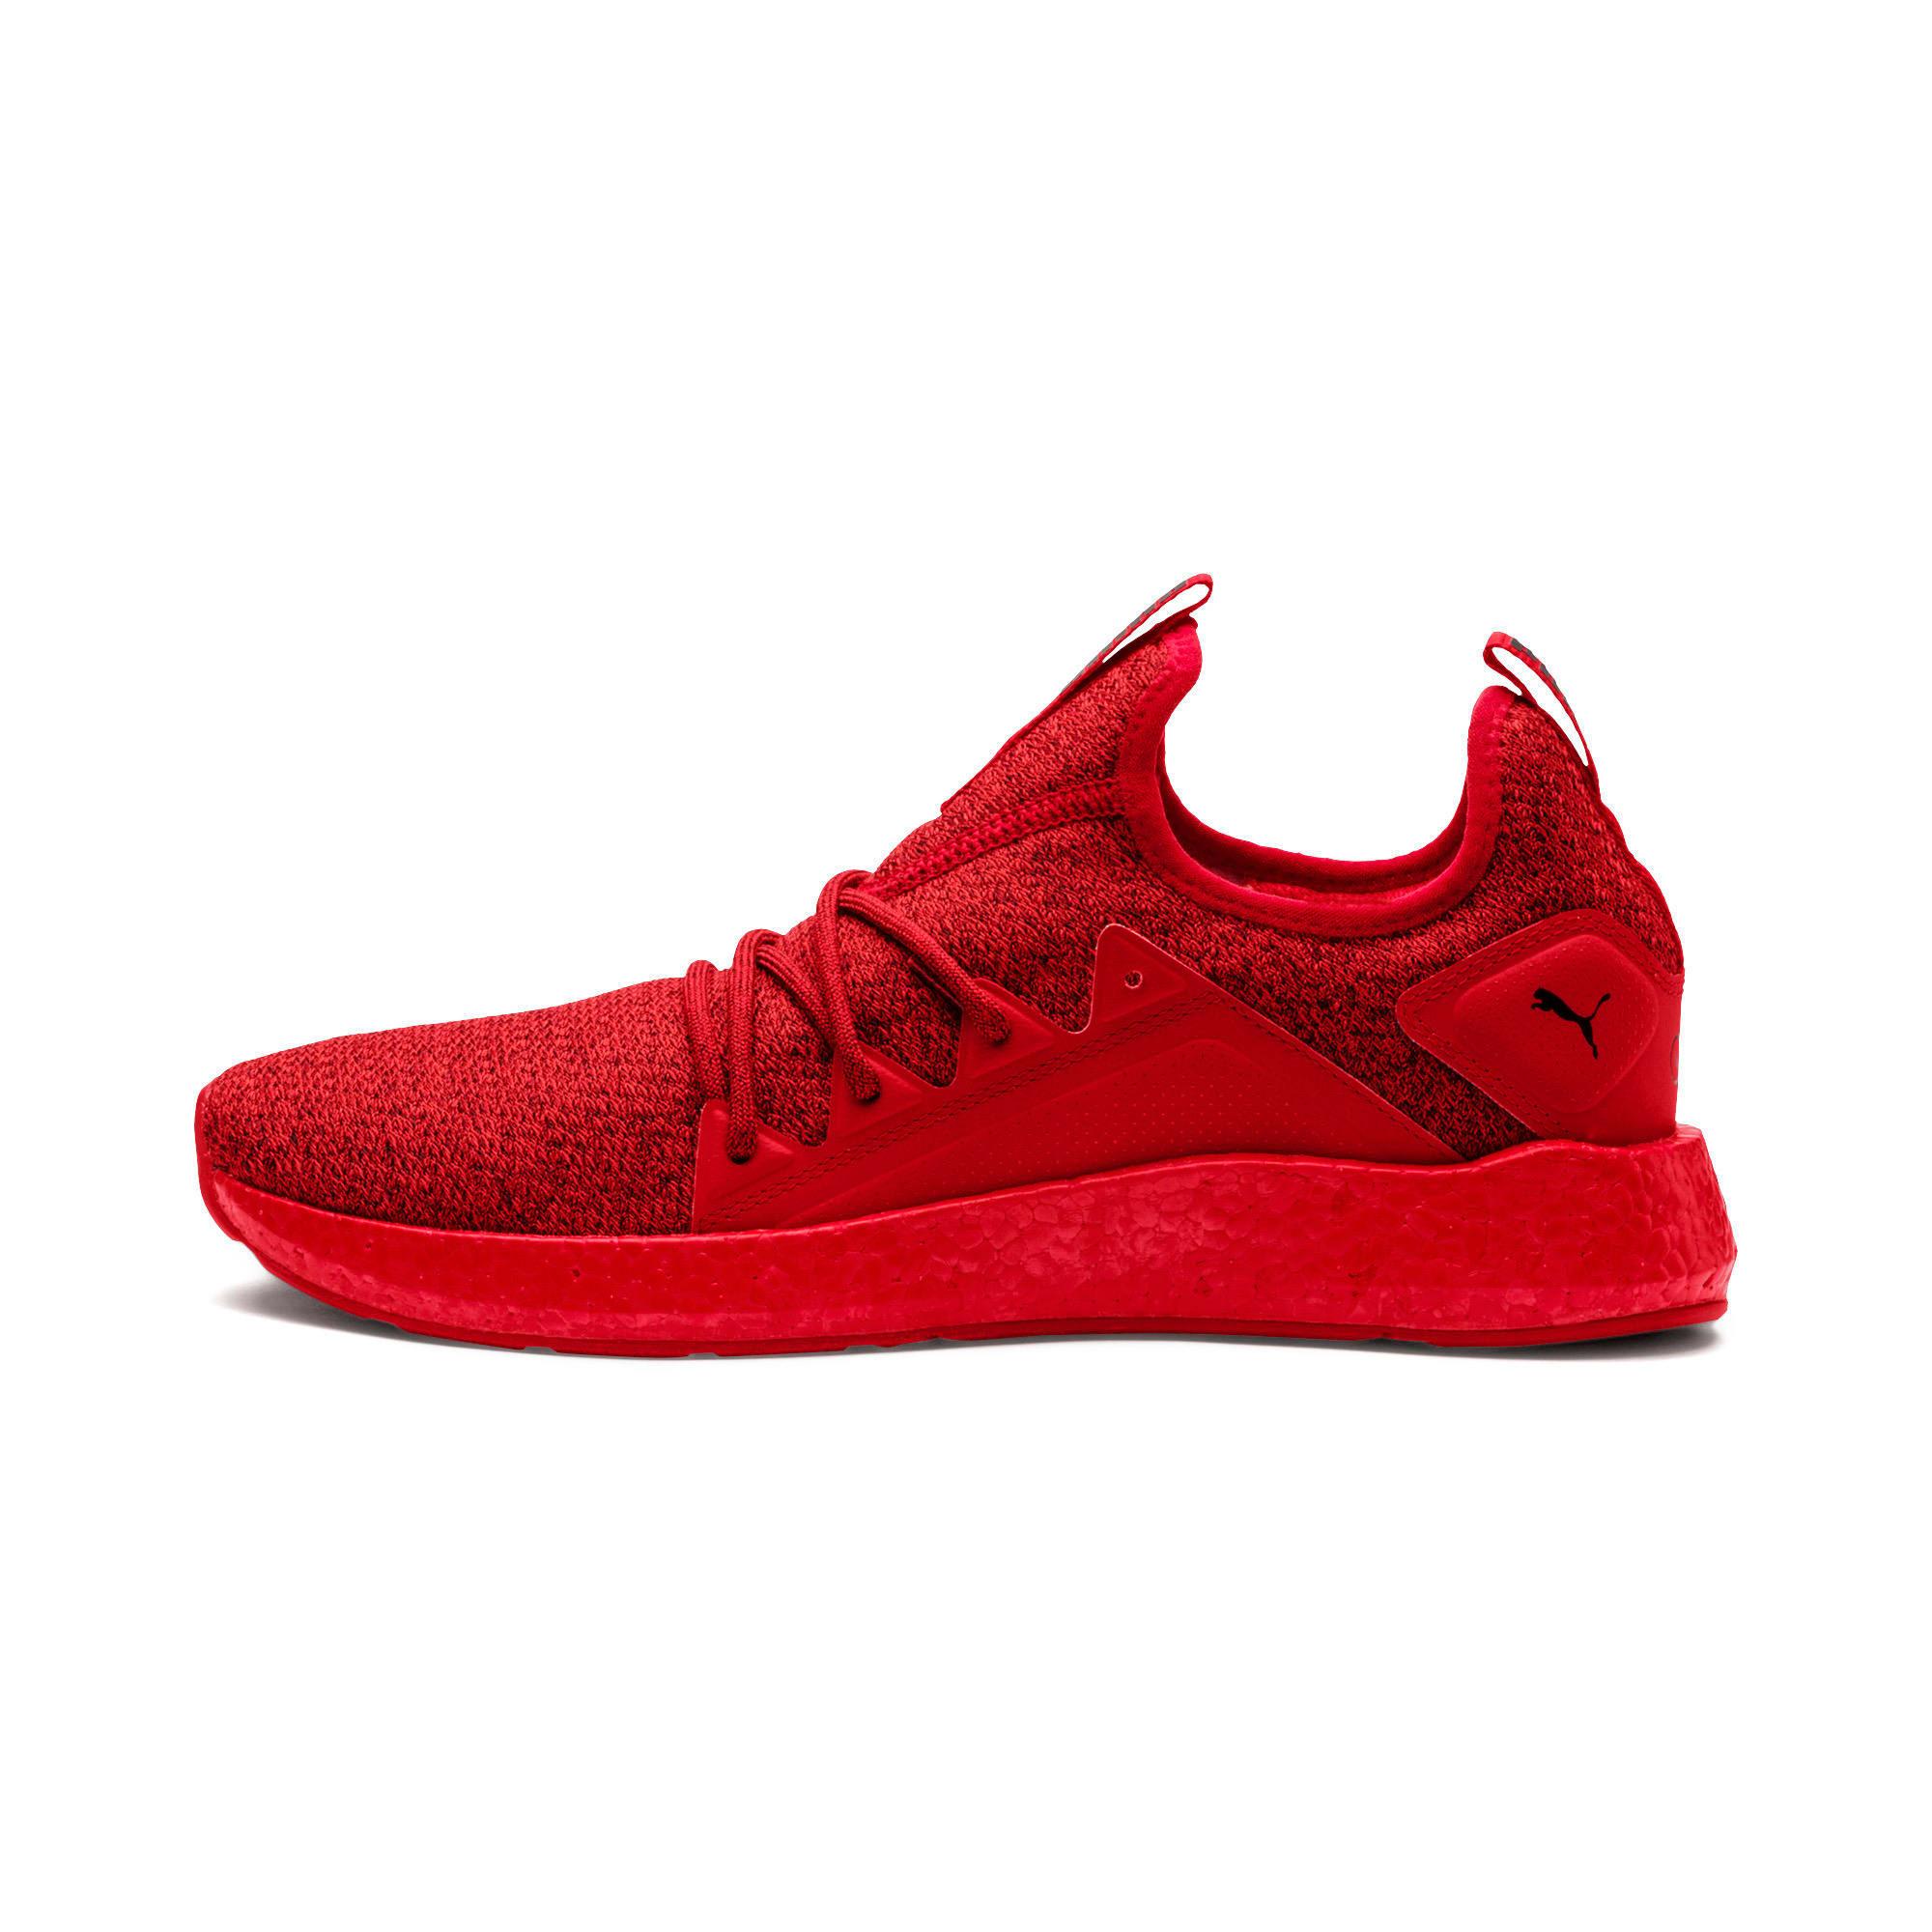 Miniatura 1 de Zapatos para correr NRGY Neko Knit para hombre, High Risk Red-Puma Black, mediano